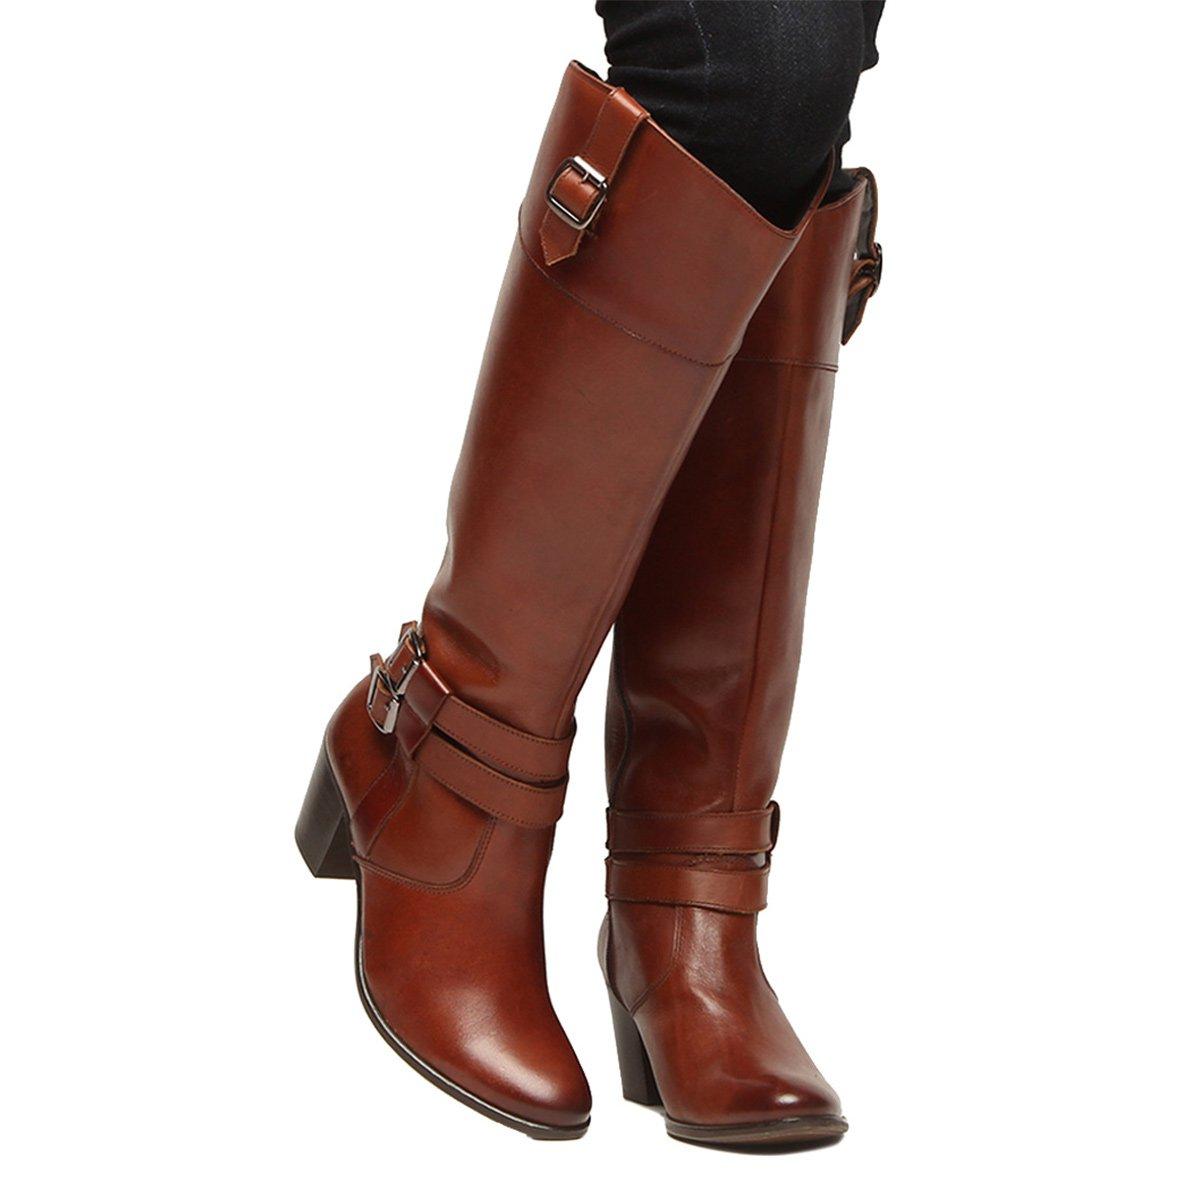 8e9716129ec Bota Couro Montaria Shoestock Fivelas Feminina - Marrom - Compre ...